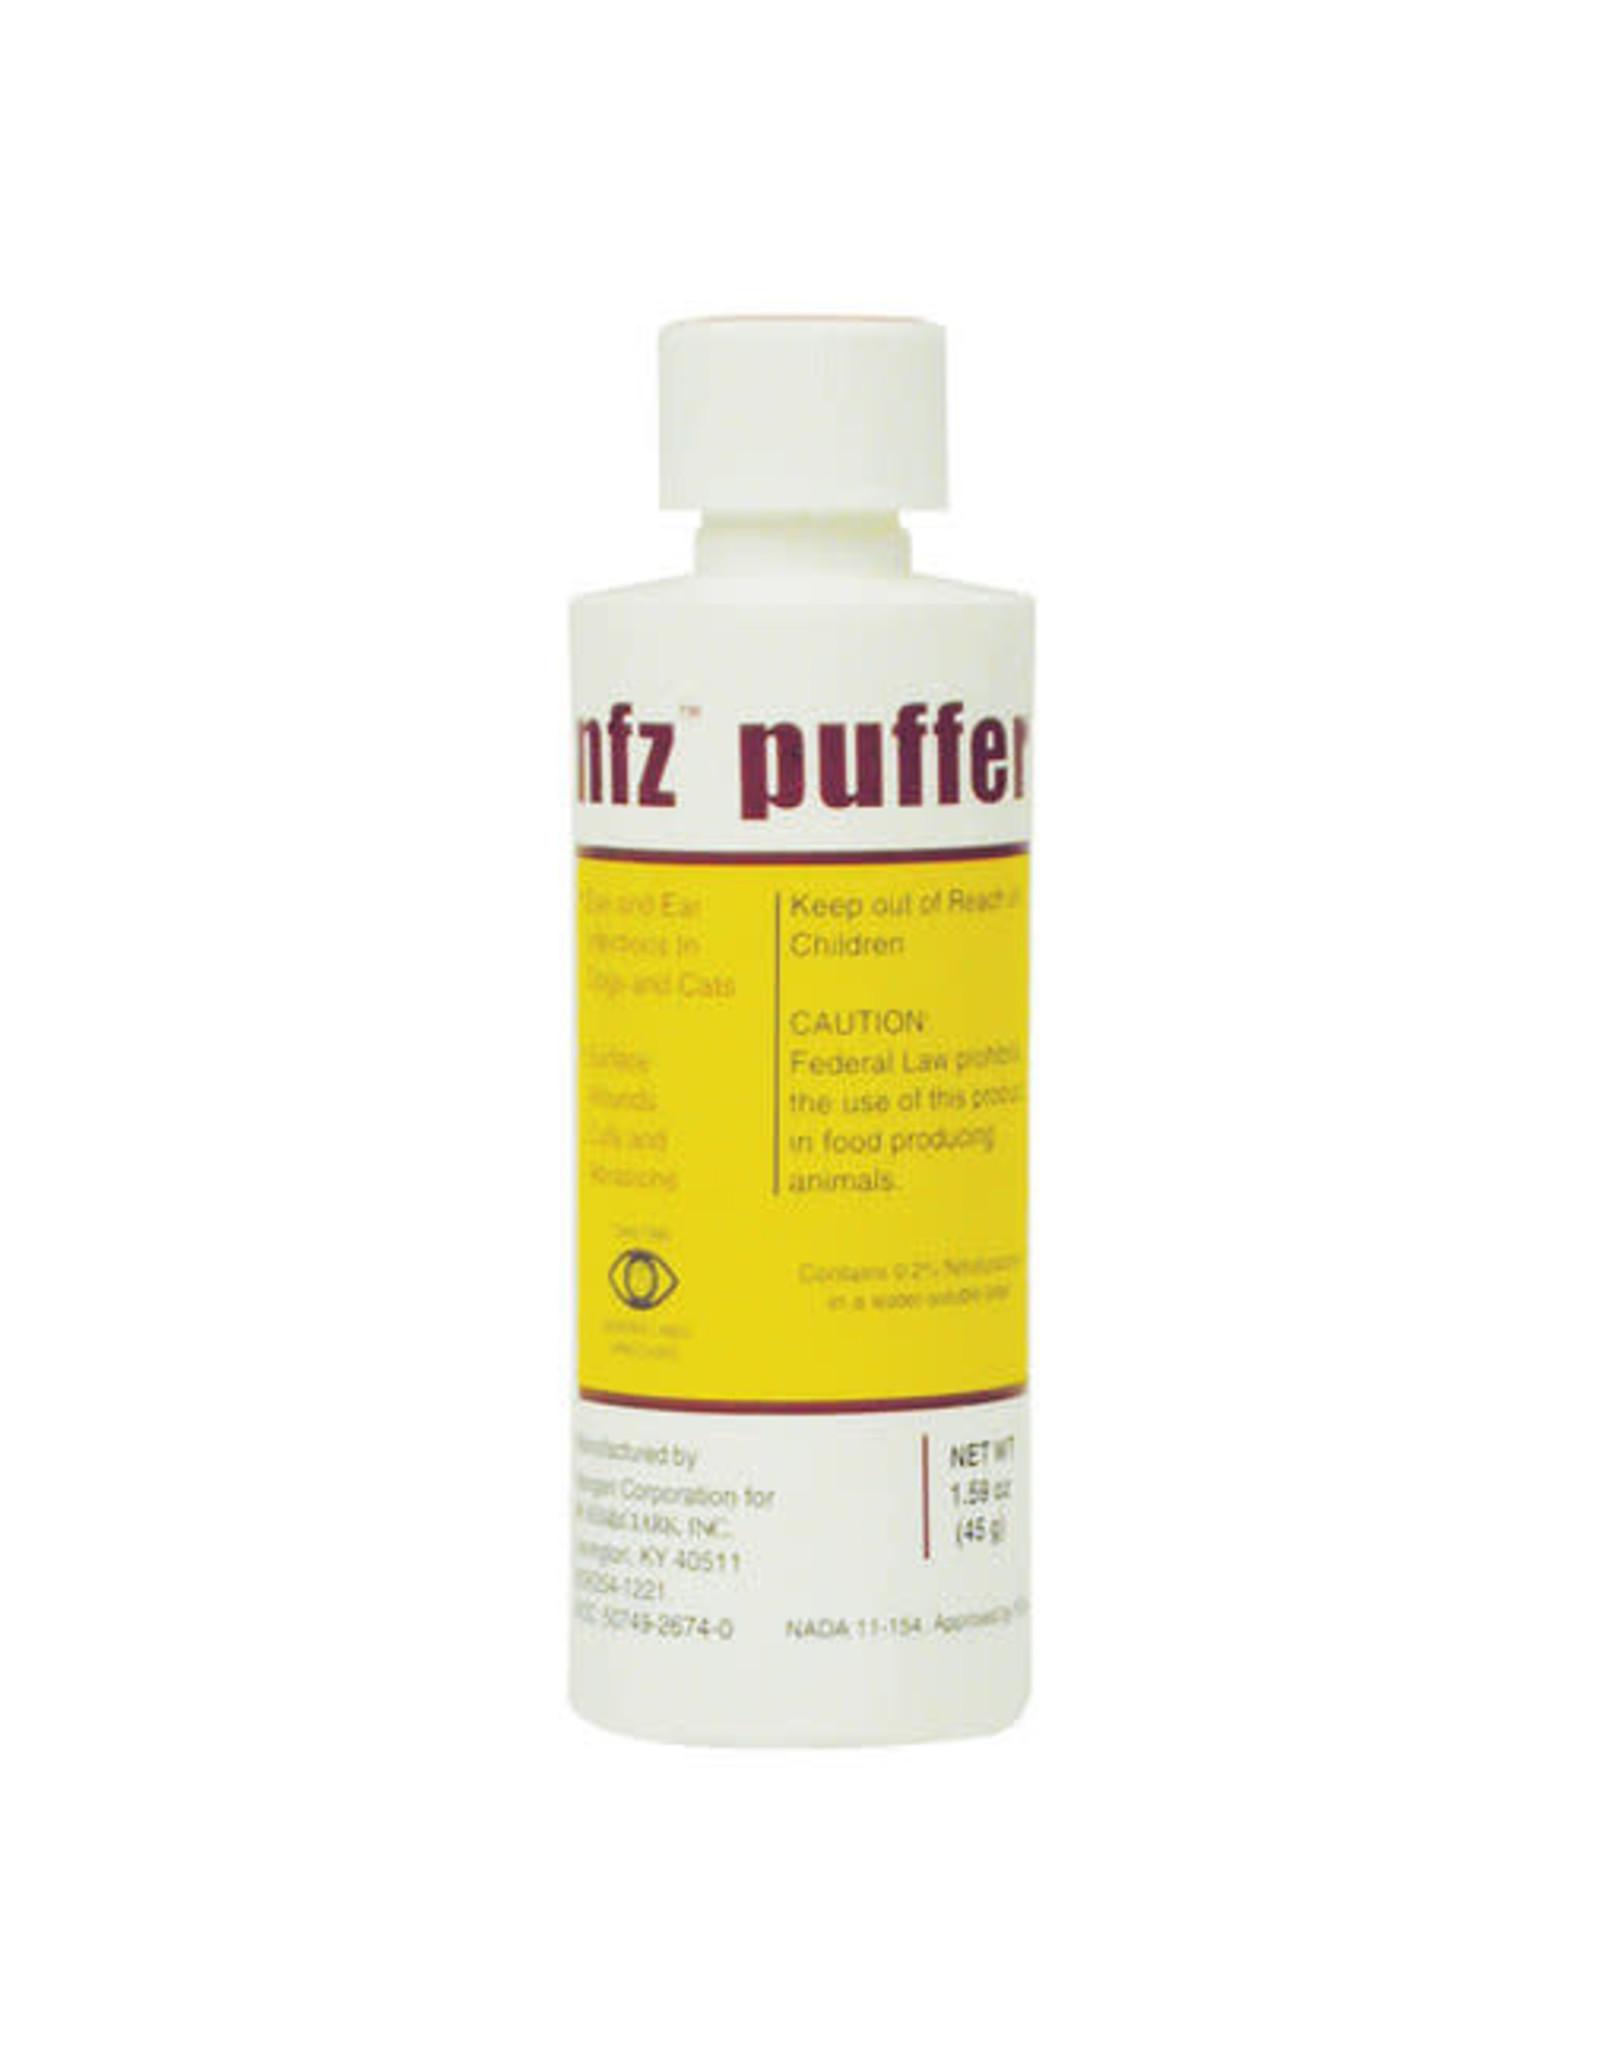 NFZ (Nitrofurazone) Puffer